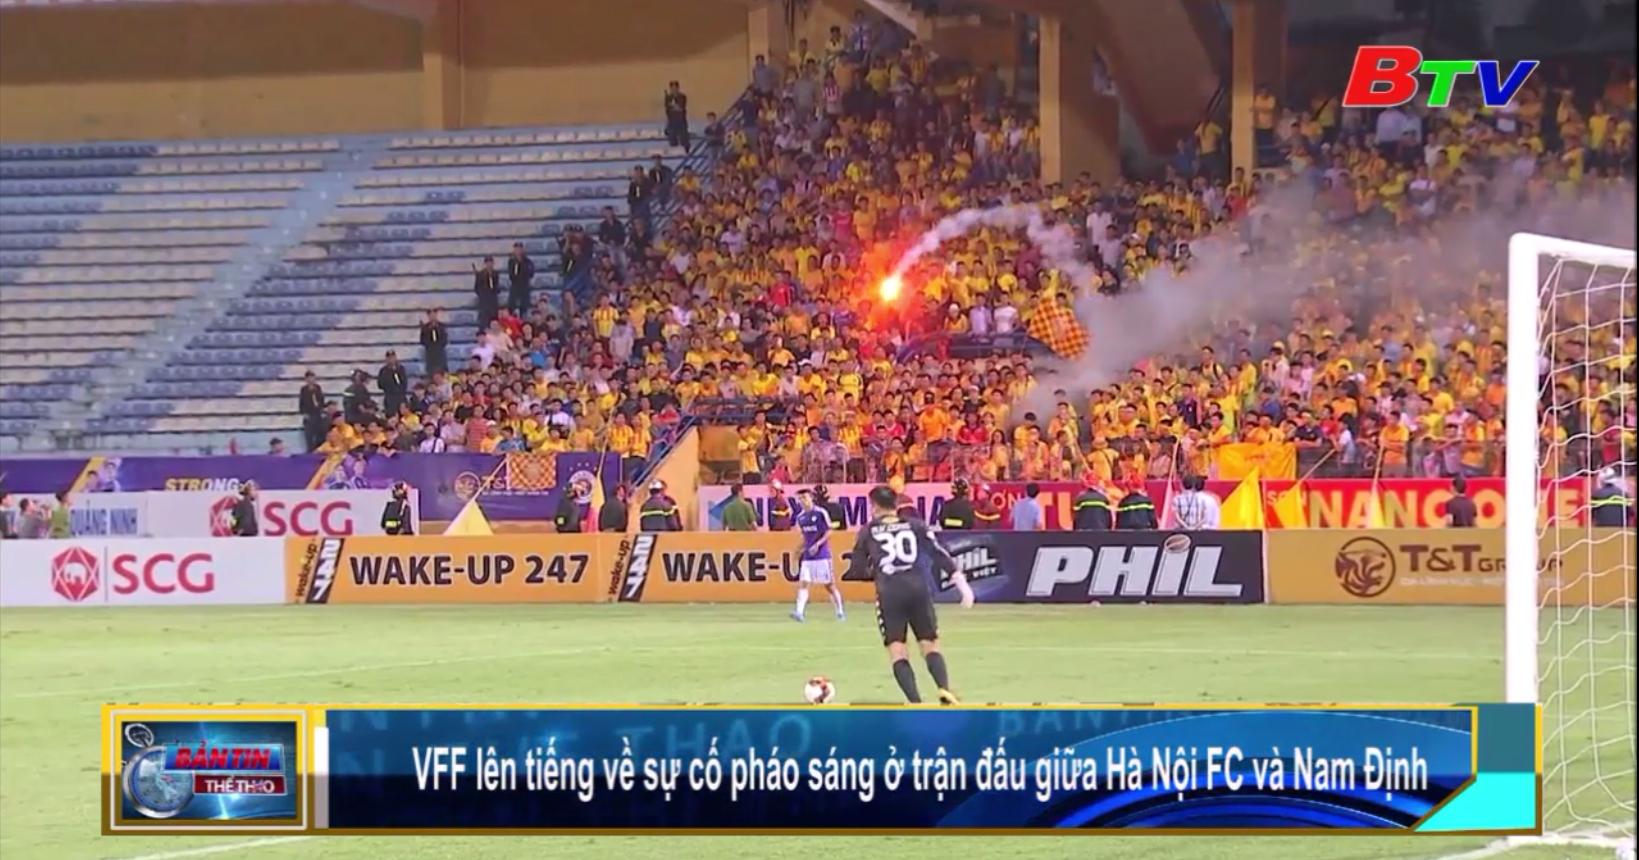 VFF lên tiếng về sự cố pháo sáng ở trận đấu giữa Hà Nội FC và Nam Định